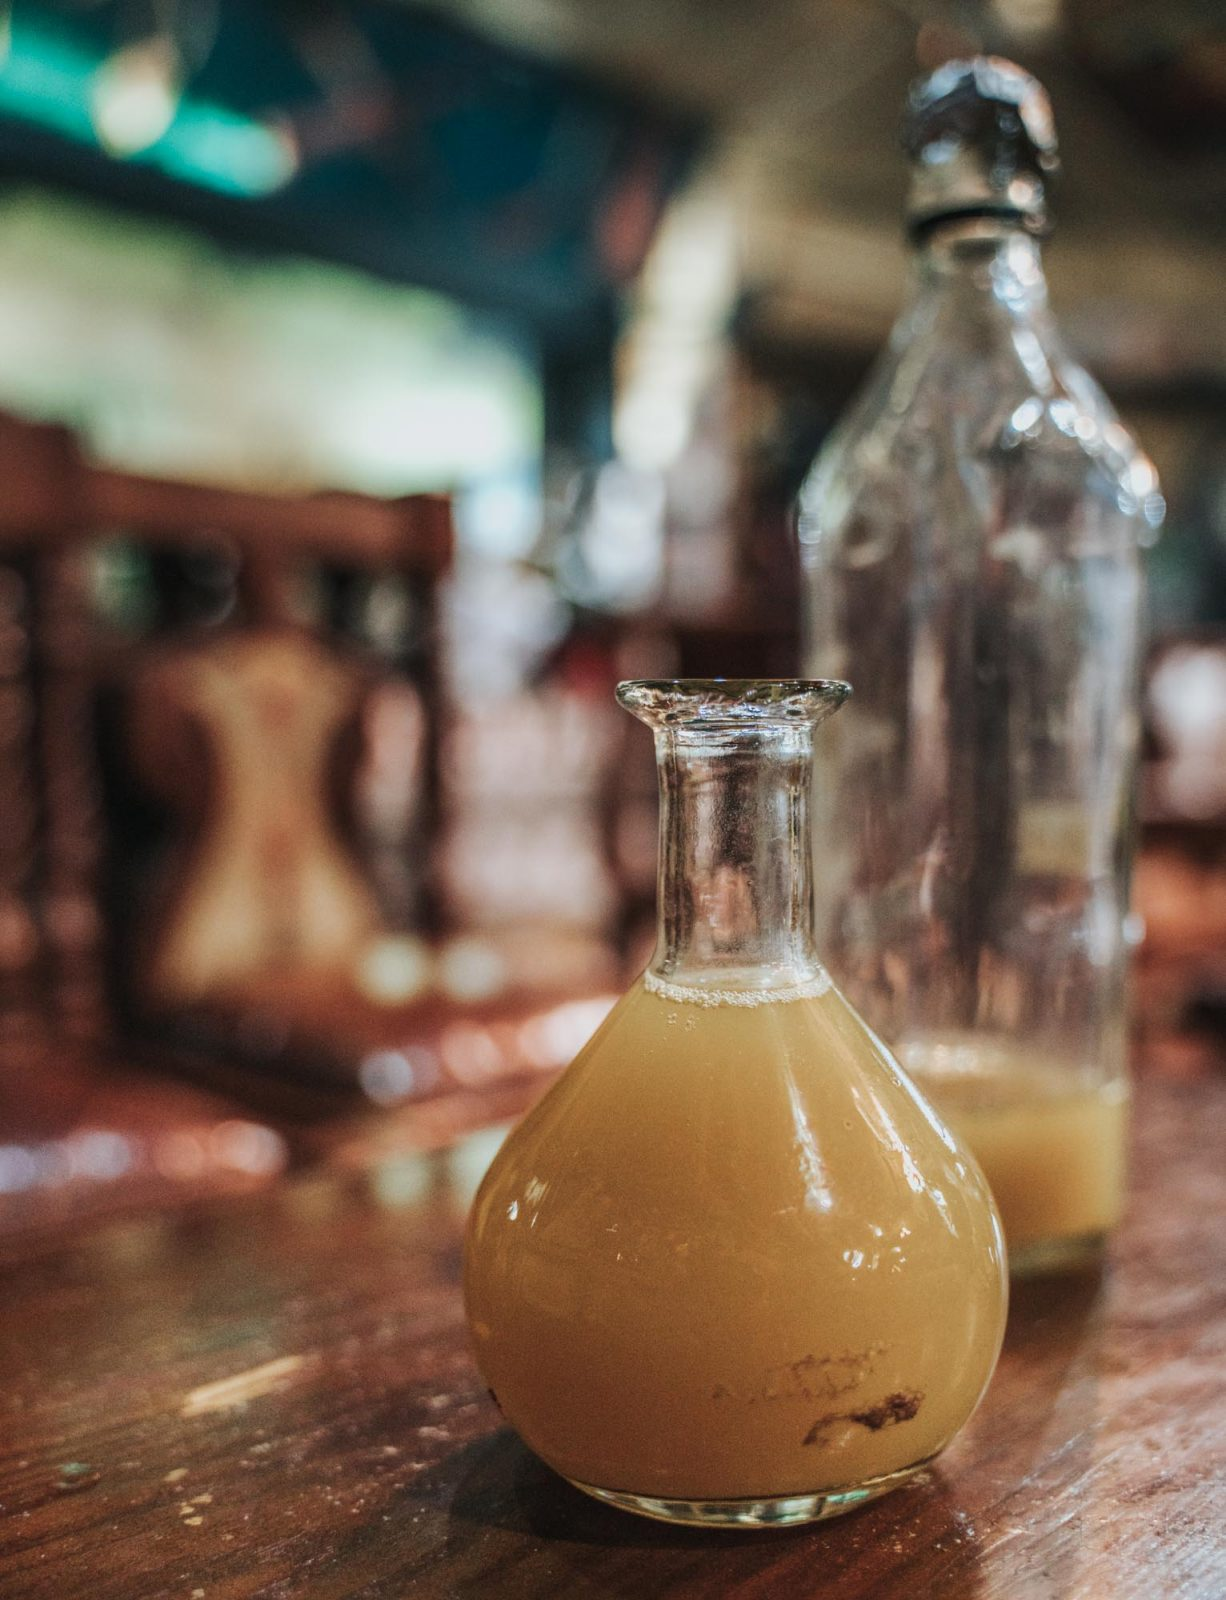 Ethiopian Cultural food, Tej, a honey wine